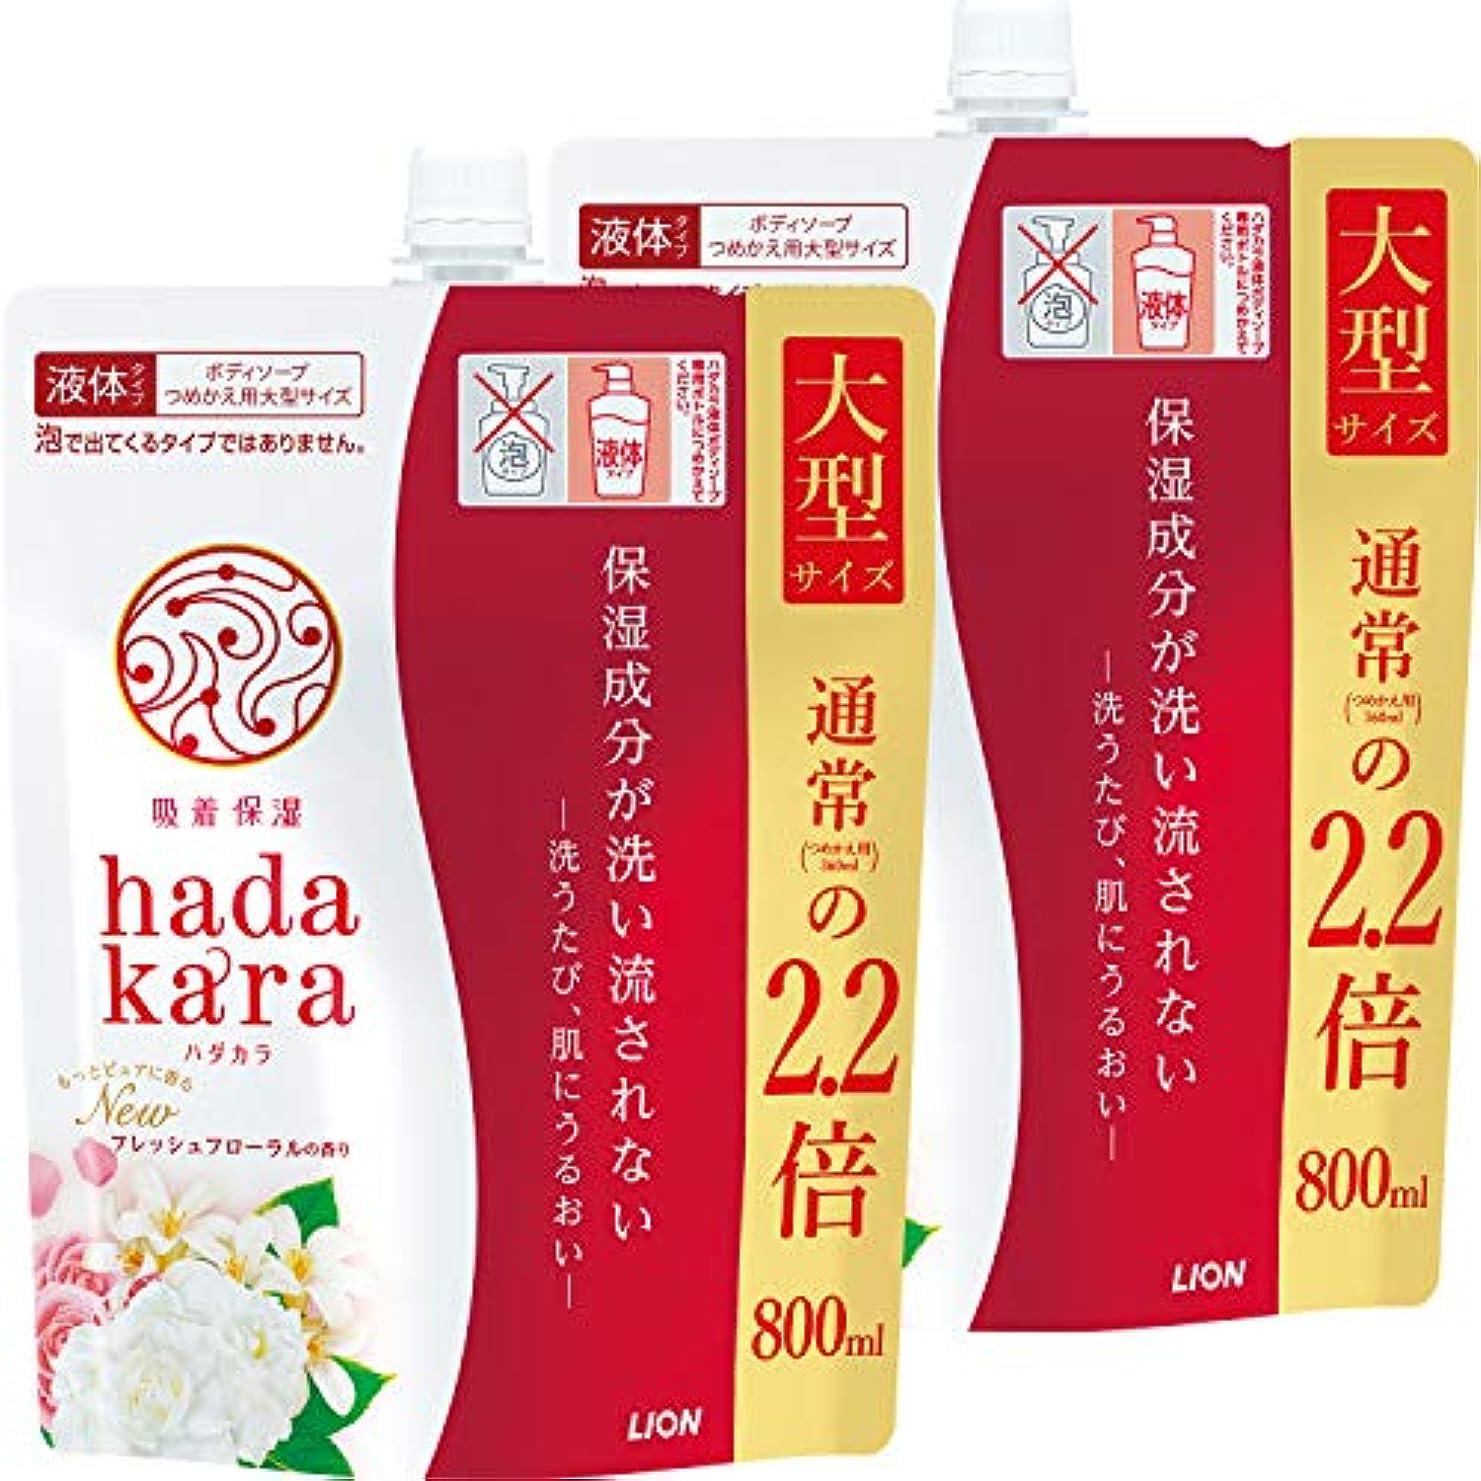 ケーキ神経衰弱チョップhadakara(ハダカラ) ボディソープ フレッシュフローラルの香り つめかえ用大型サイズ 800ml×2個